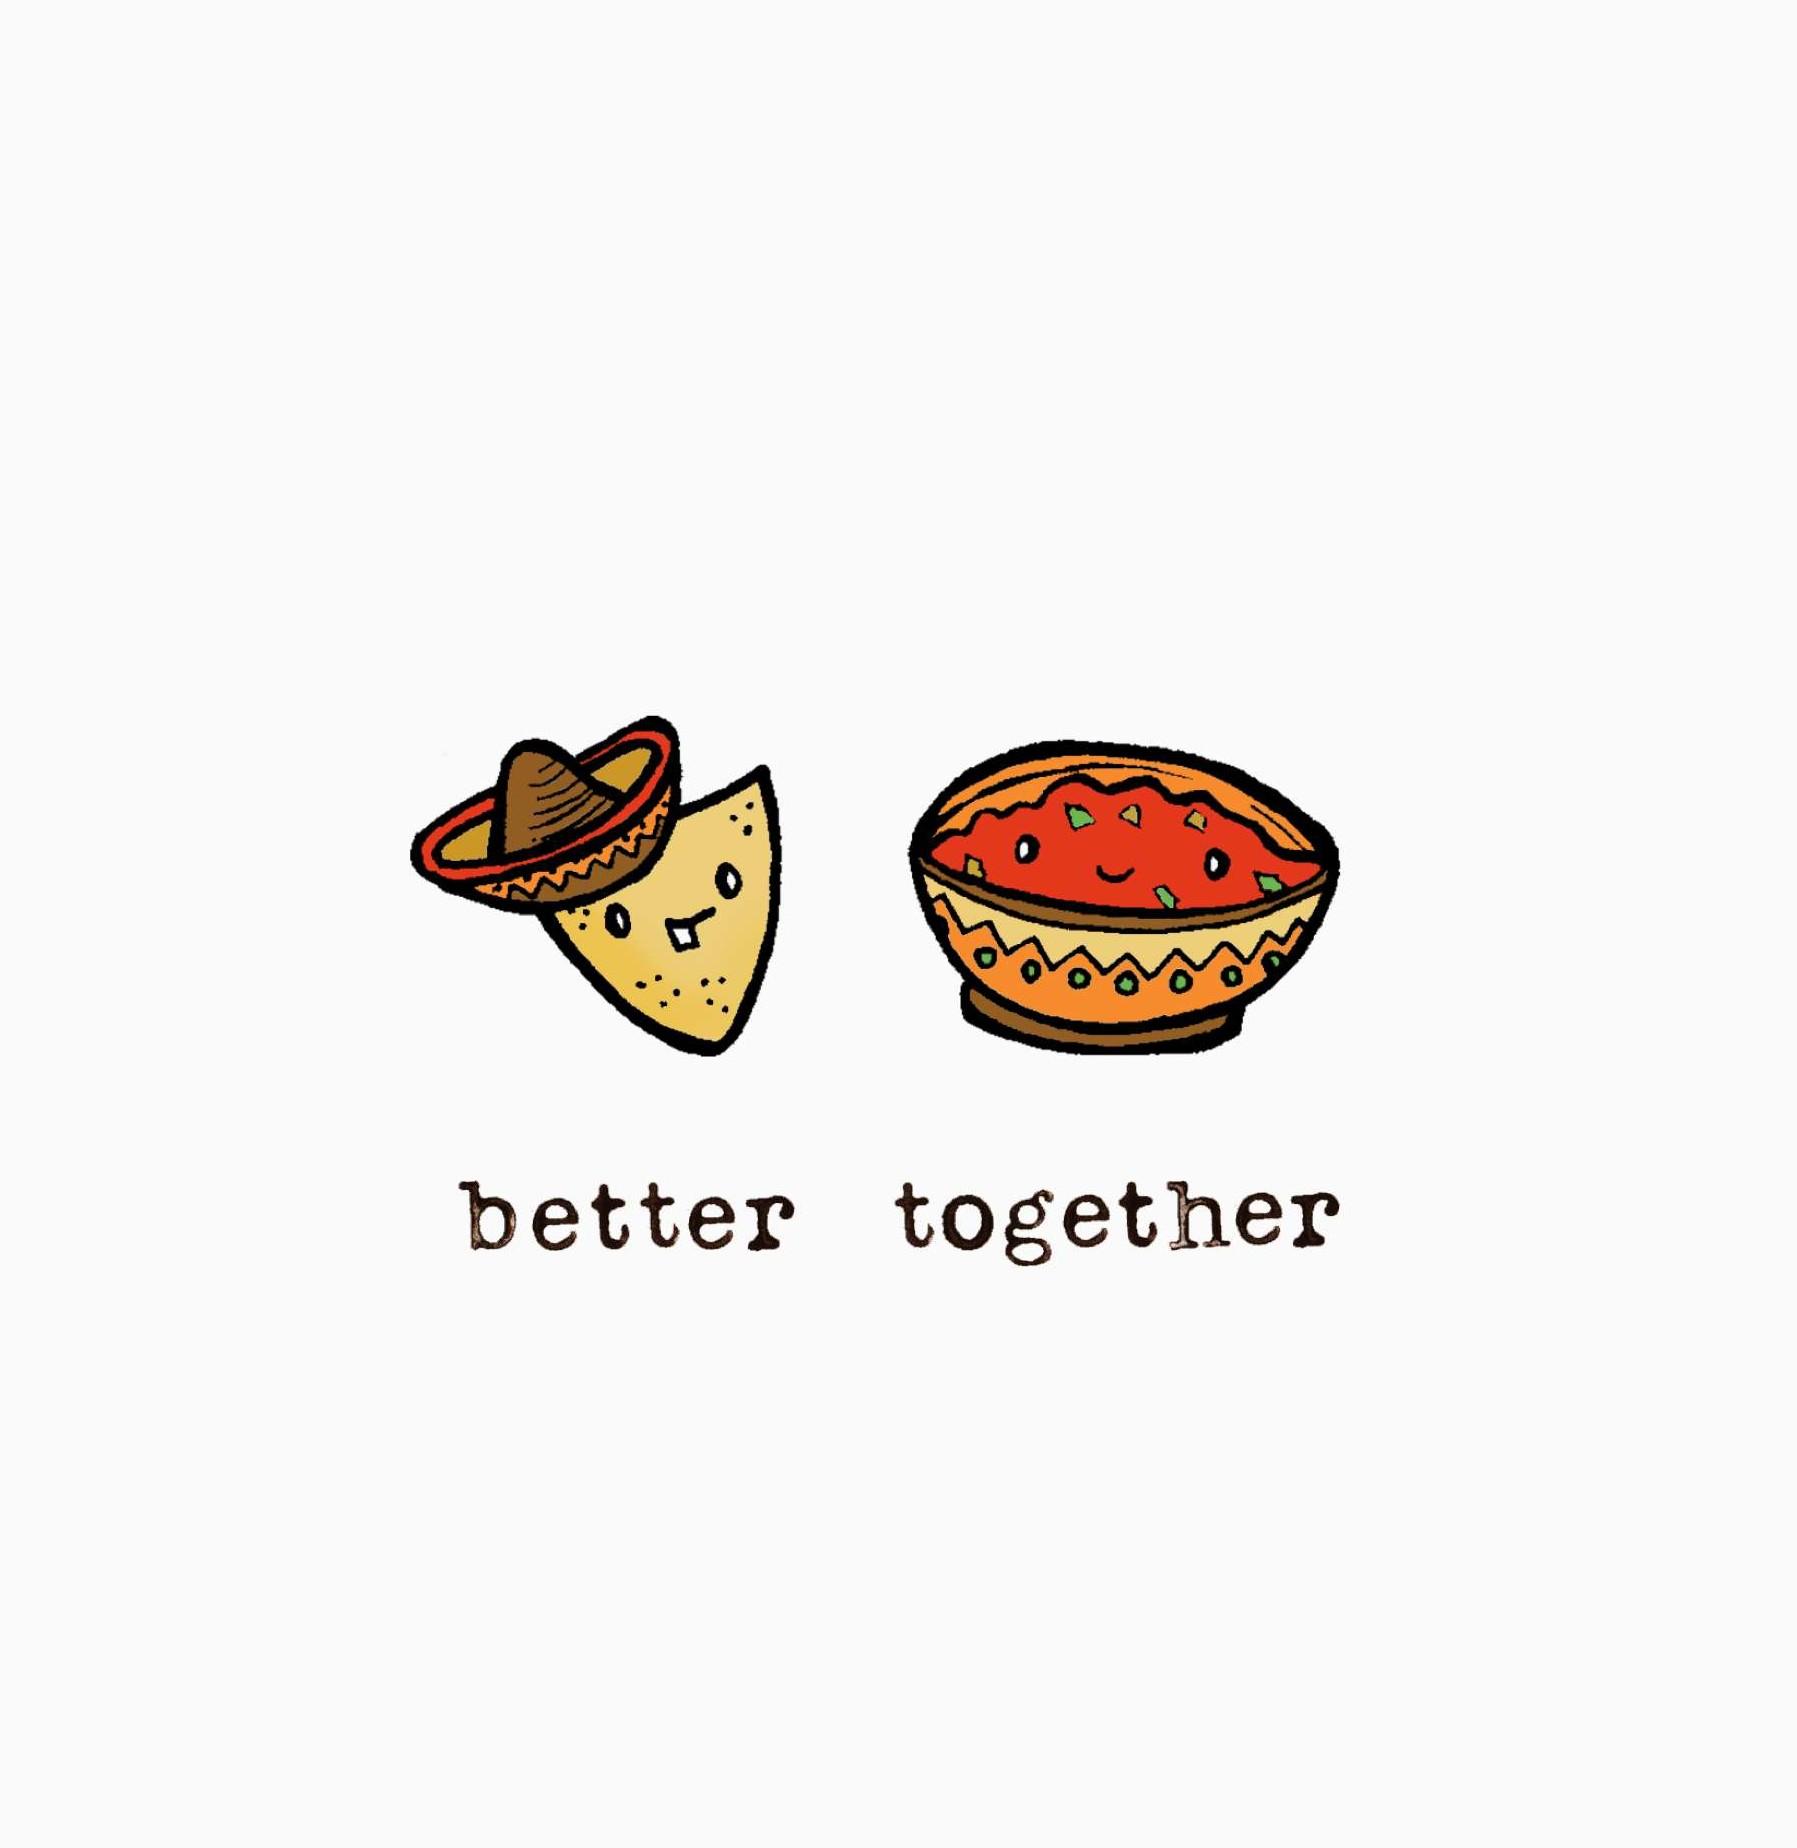 better together Jack johnson - better together (tradução) (música para ouvir e letra da música com legenda em português) it's always better when we're together / yeah we'll.